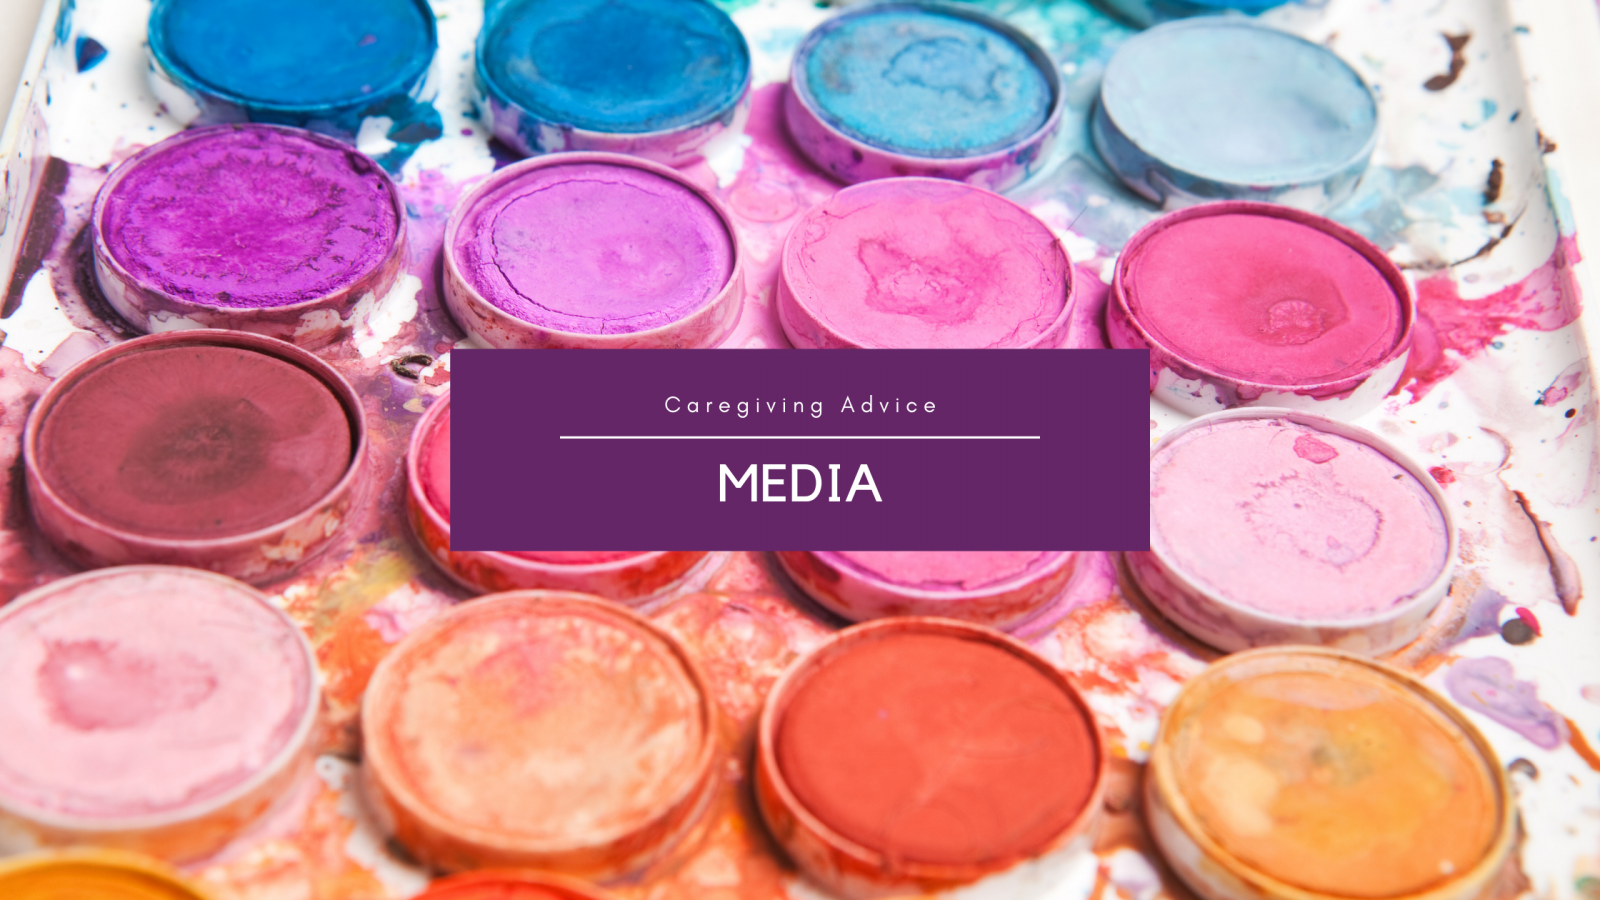 Blog Categories - Media(1)